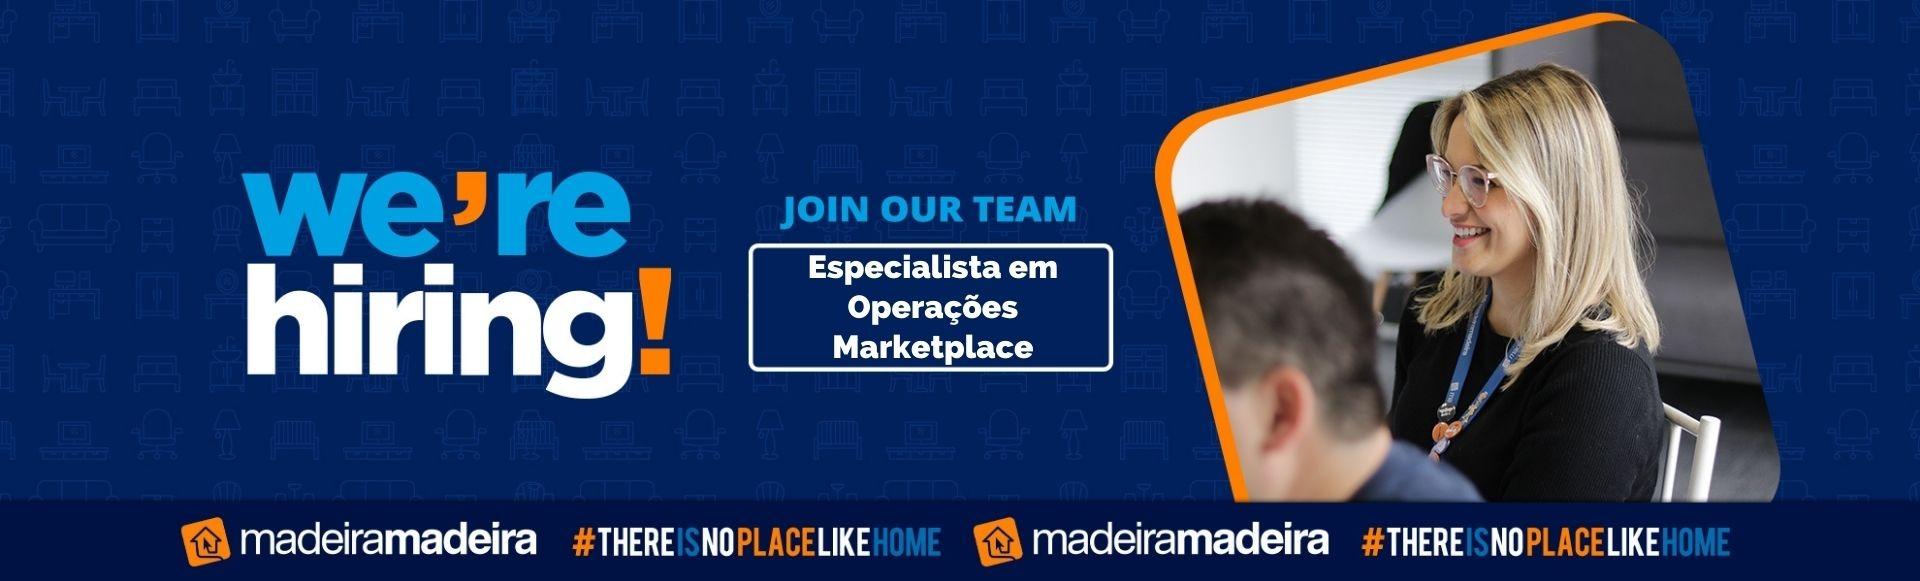 Especialista em Operações Marketplace